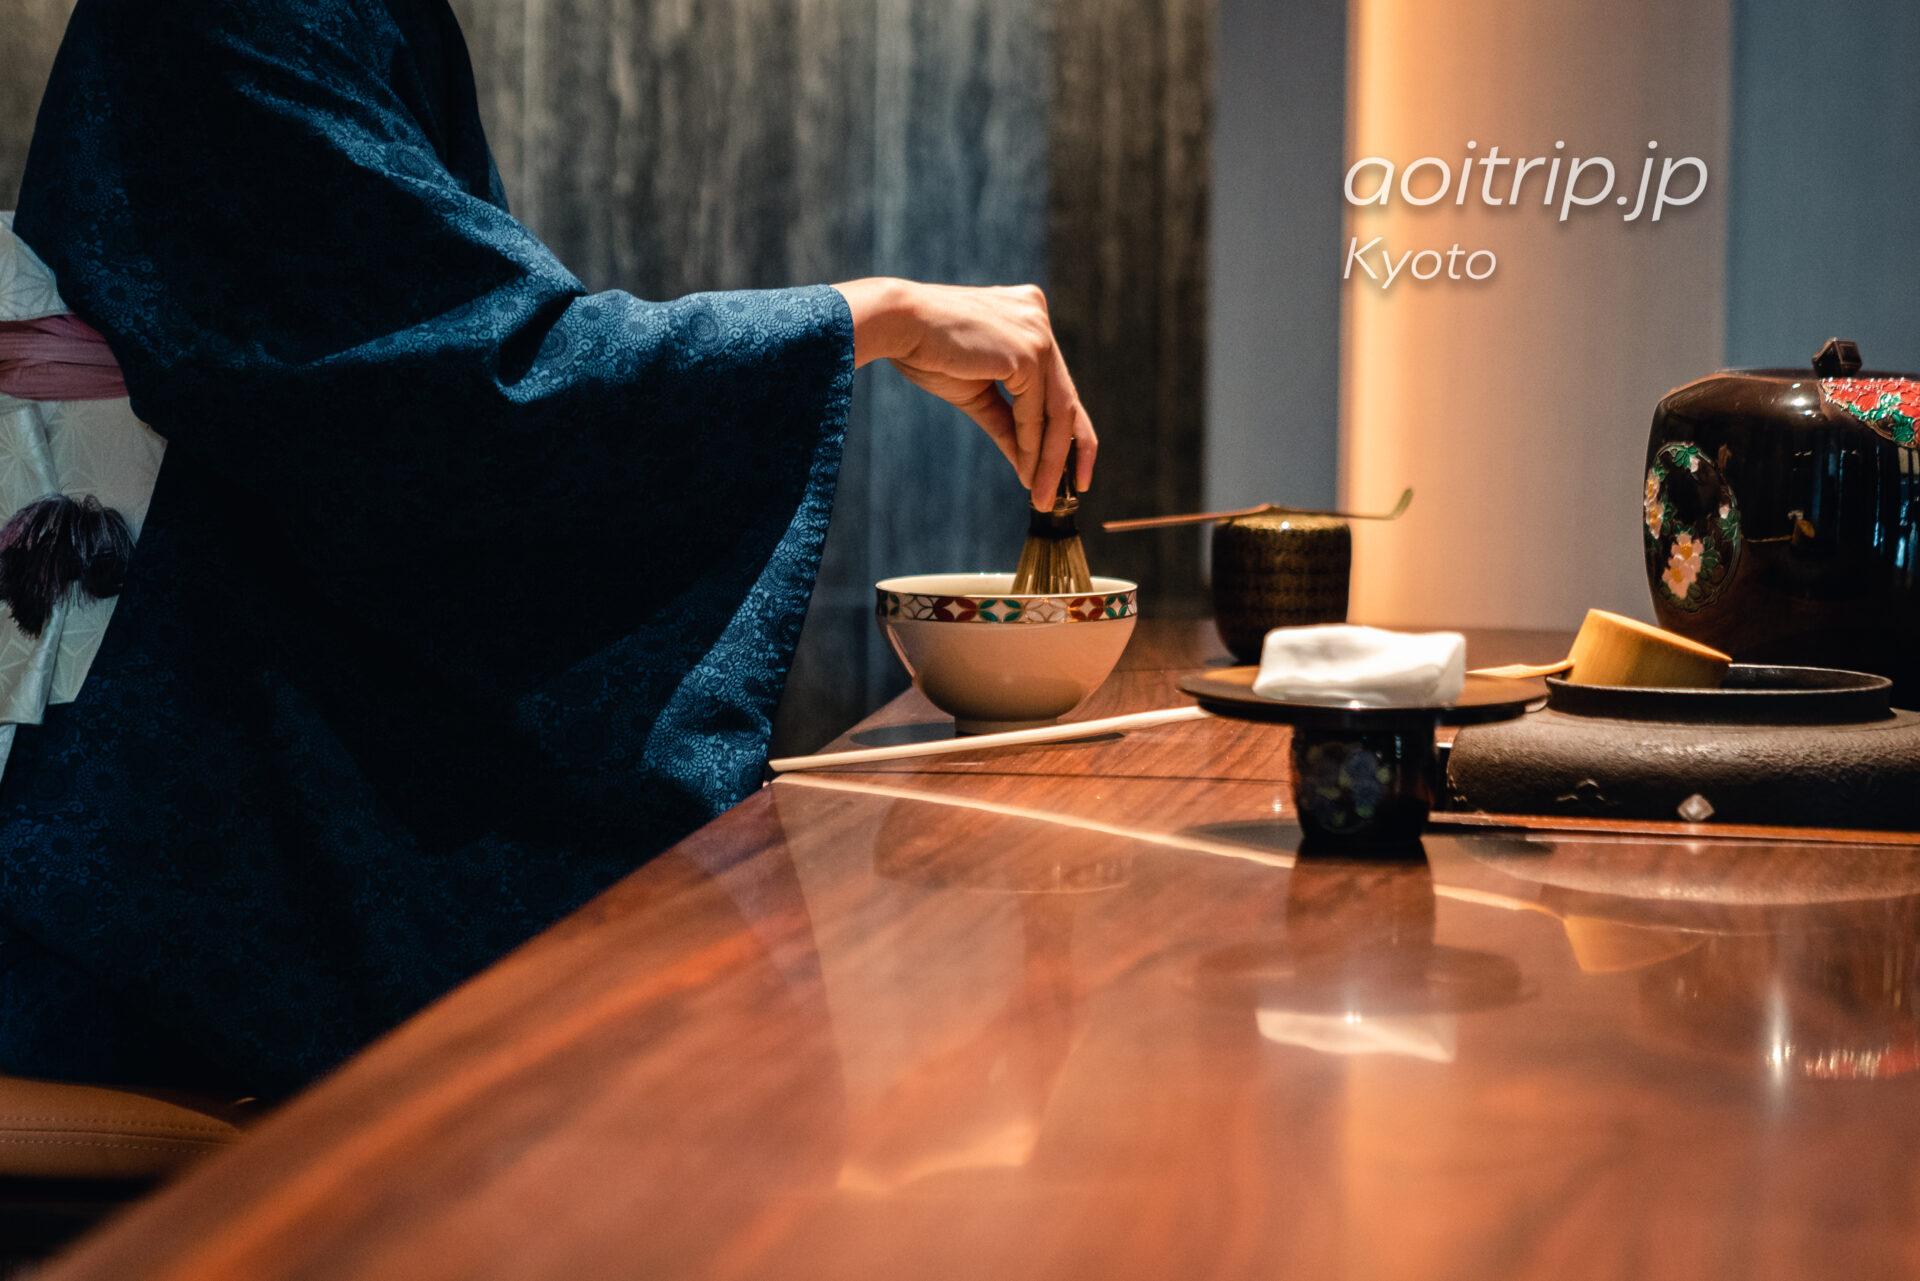 ホテル ザ ミツイ キョウト|HOTEL THE MITSUI KYOTO 午後のお愉しみ 〜お抹茶のふるまい